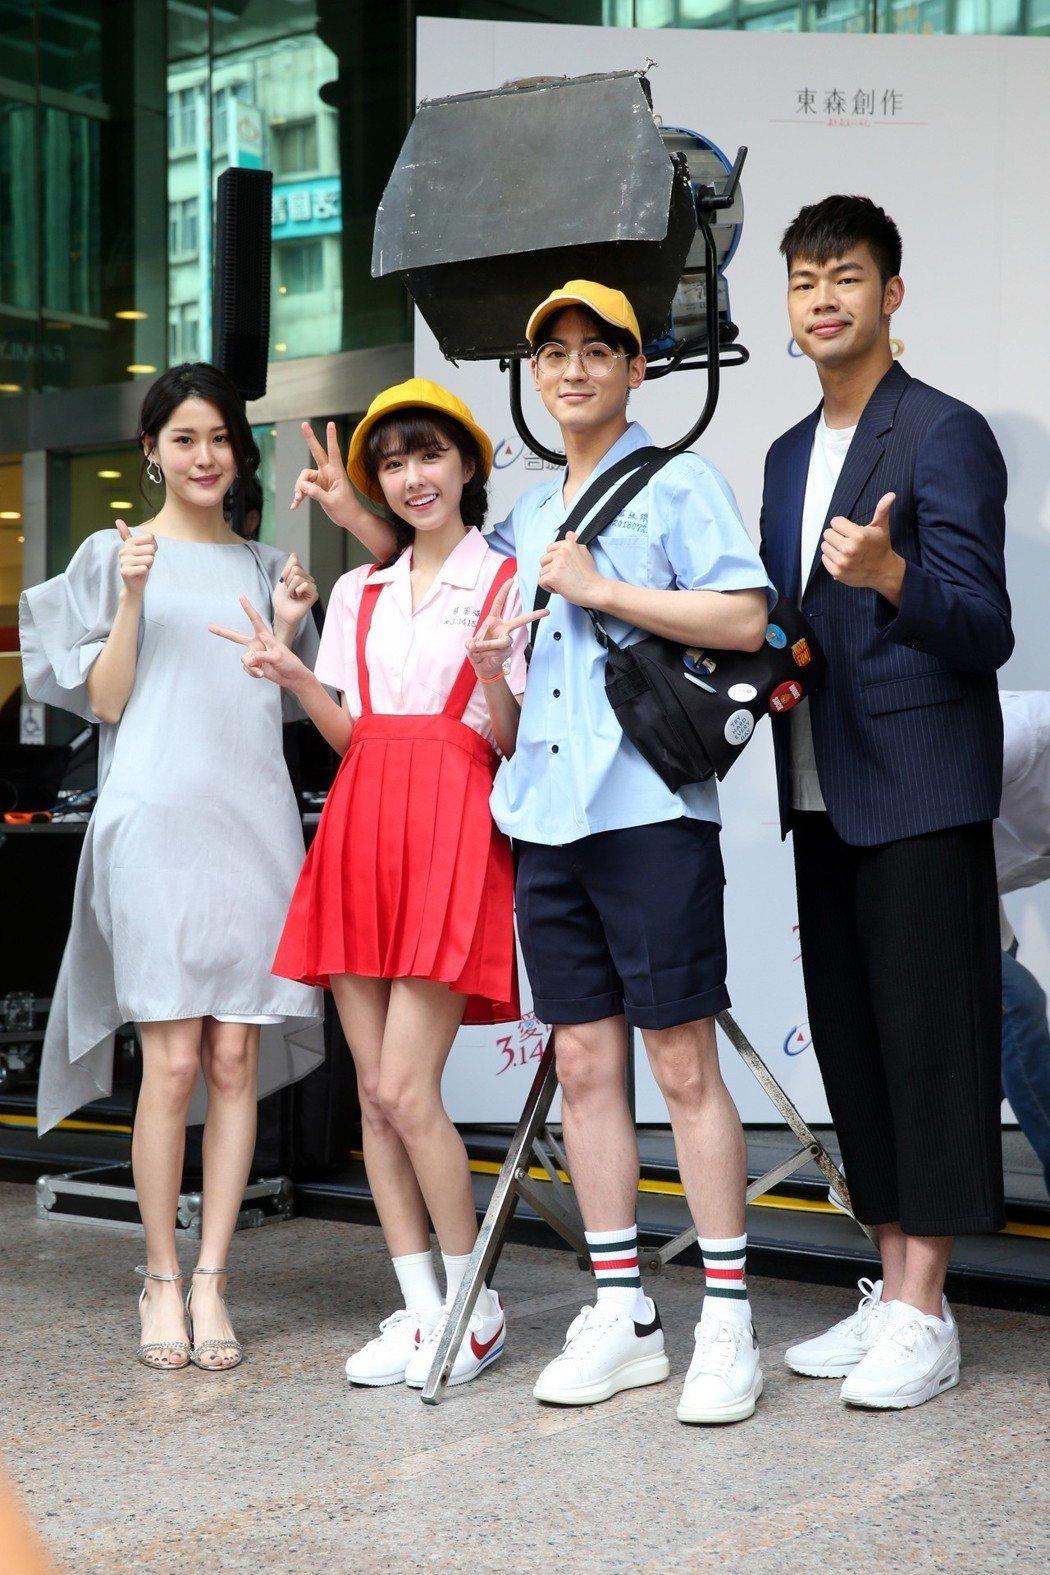 東森新戲「愛的3.14159」舉行開鏡儀式,演員李婕(左起)、邵雨薇、吳思賢、陳...